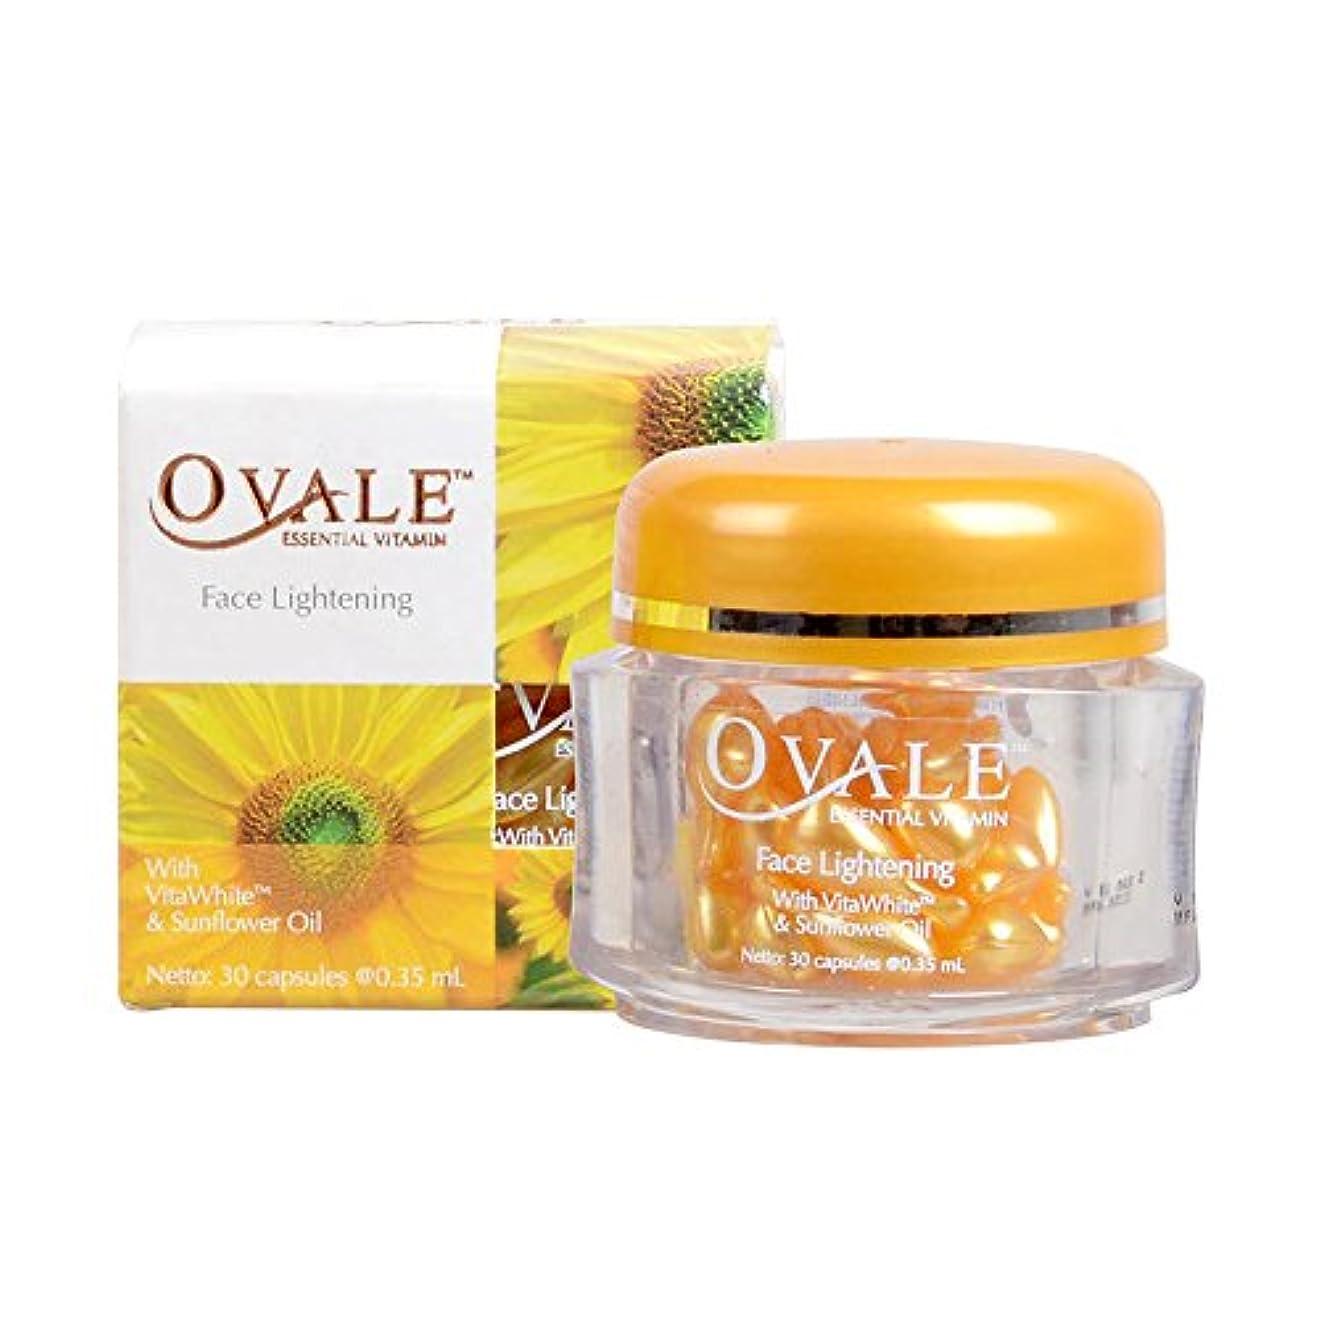 上へレンディション種類Ovale オーバル フェイスビタミン essential vitamin 30粒入ボトル サンフラワー バリ島 bali [海外直送品]